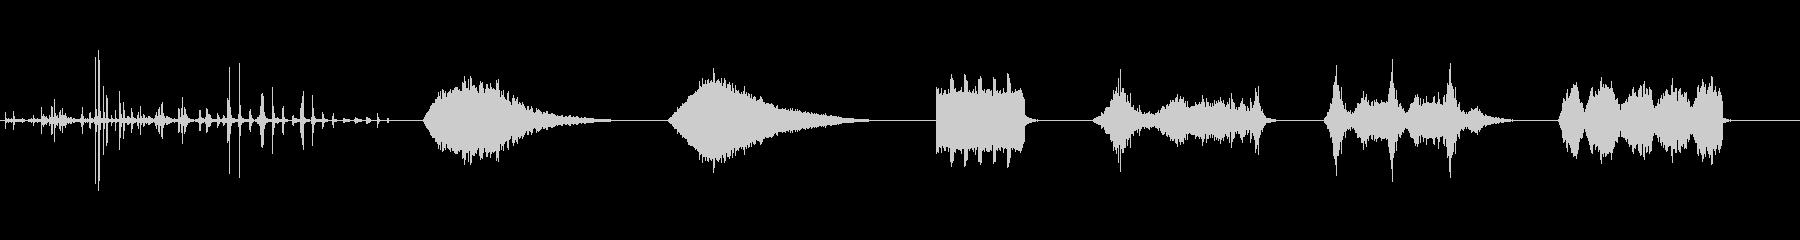 エスパシオ-ping de son...の未再生の波形